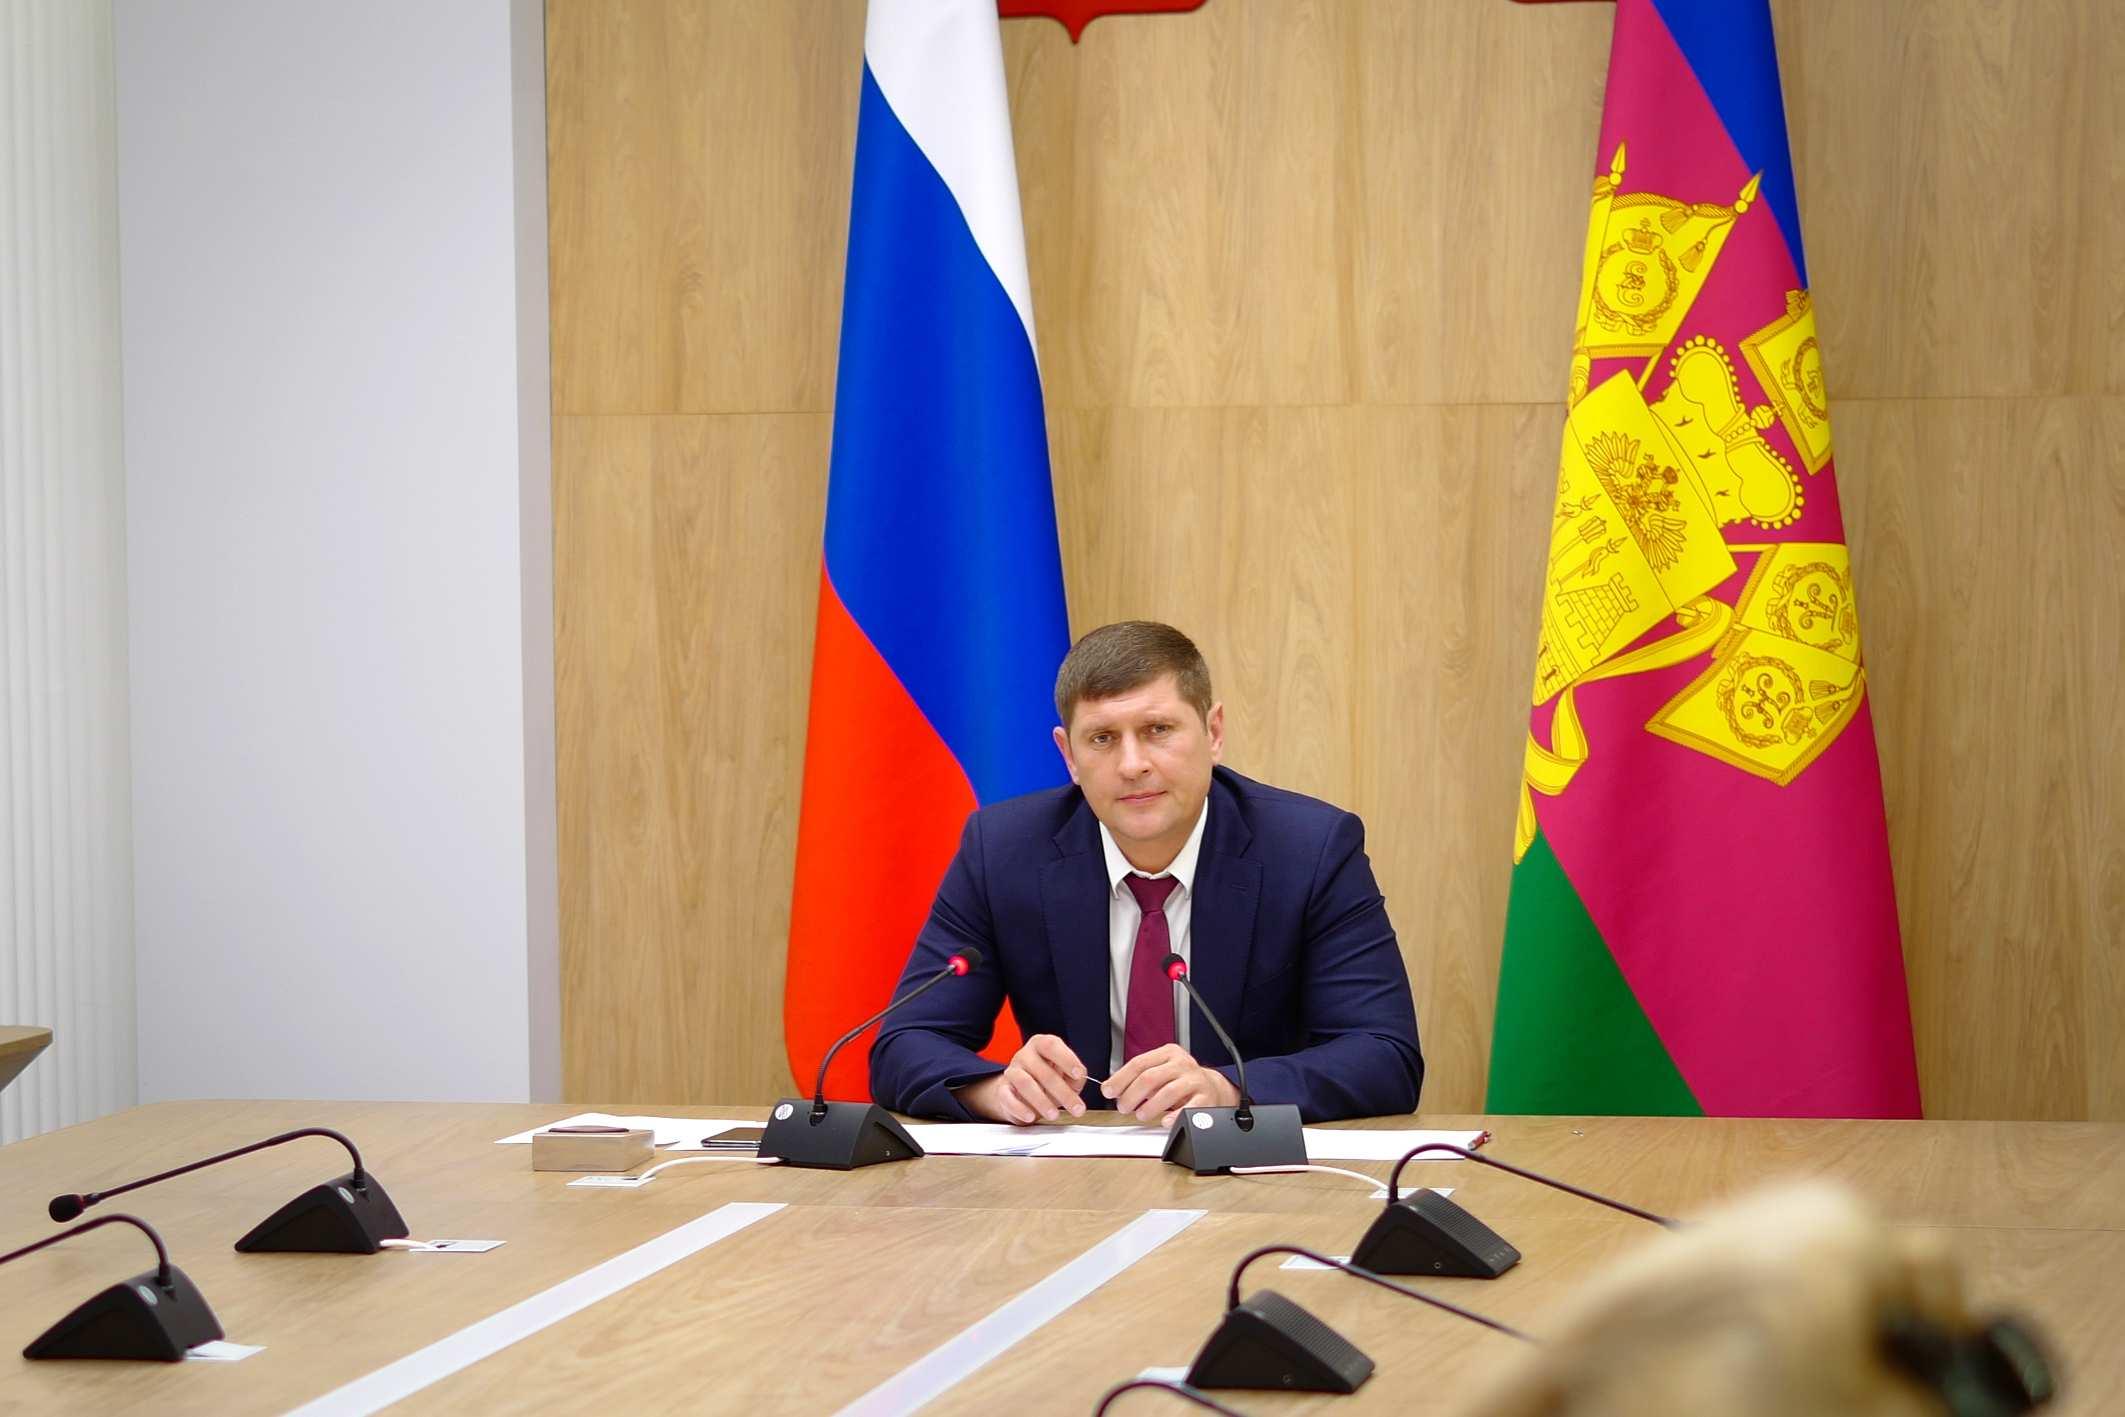 Единая база застройки Краснодарского края будет создана до конца года